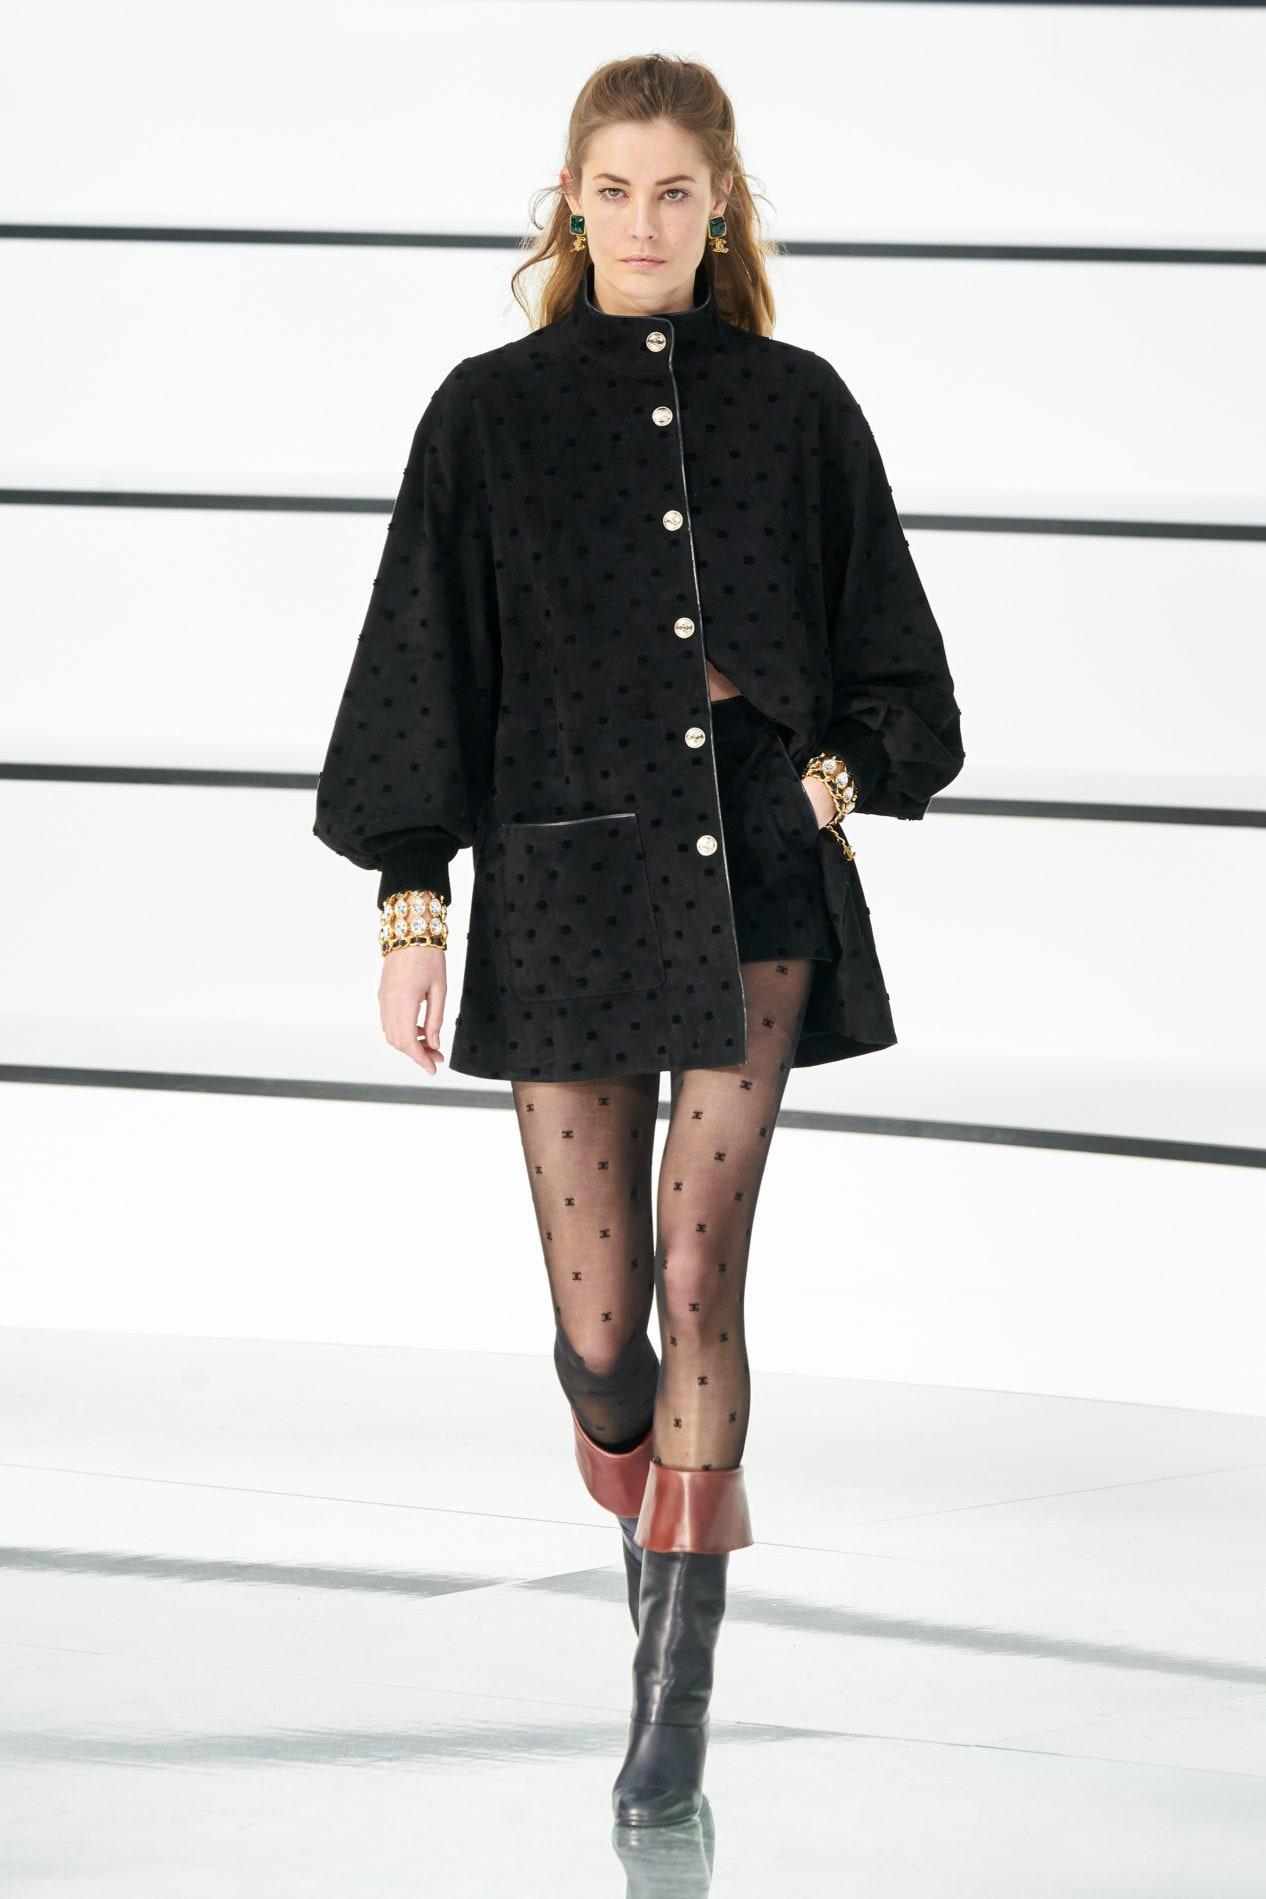 4 цвета, которые, по мнению Коко Шанель, никогда не выйдут из моды